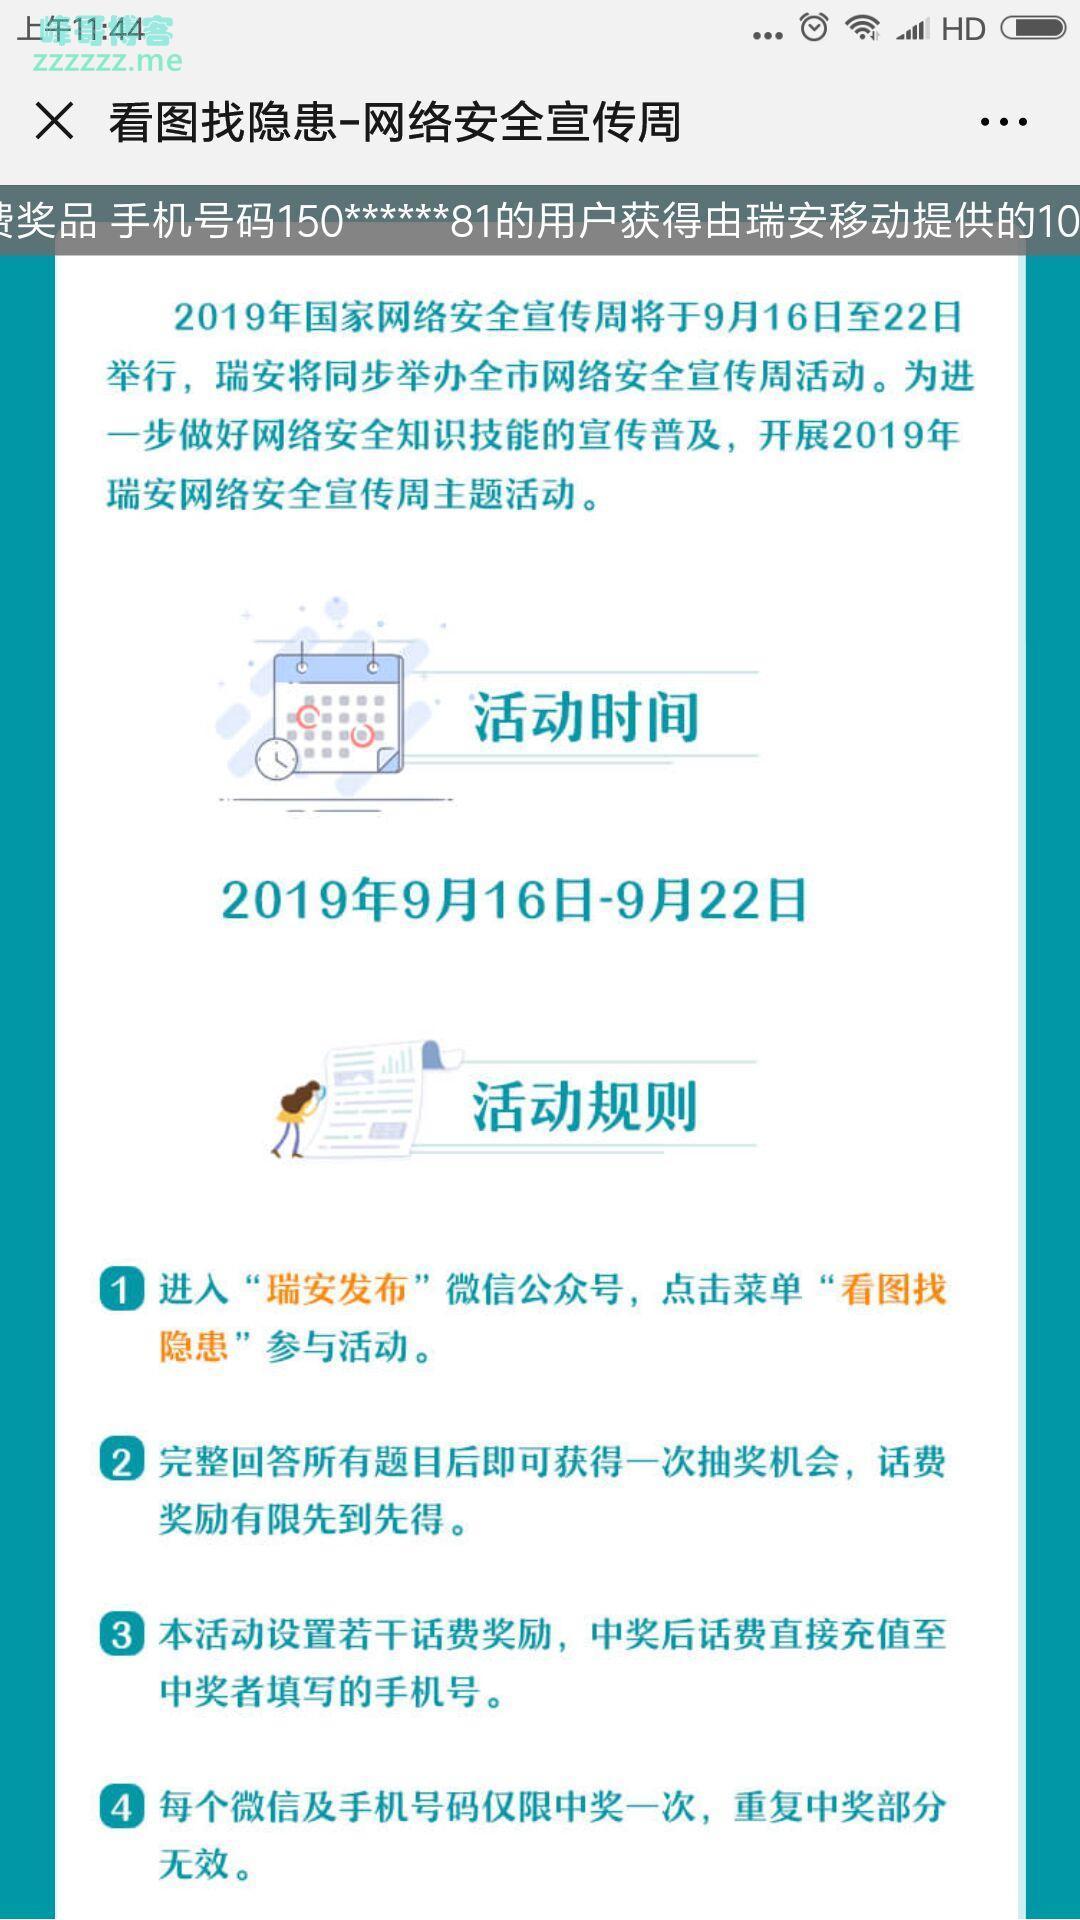 瑞安发布网络安全宣传周之有奖知识问答(截止9月22日)